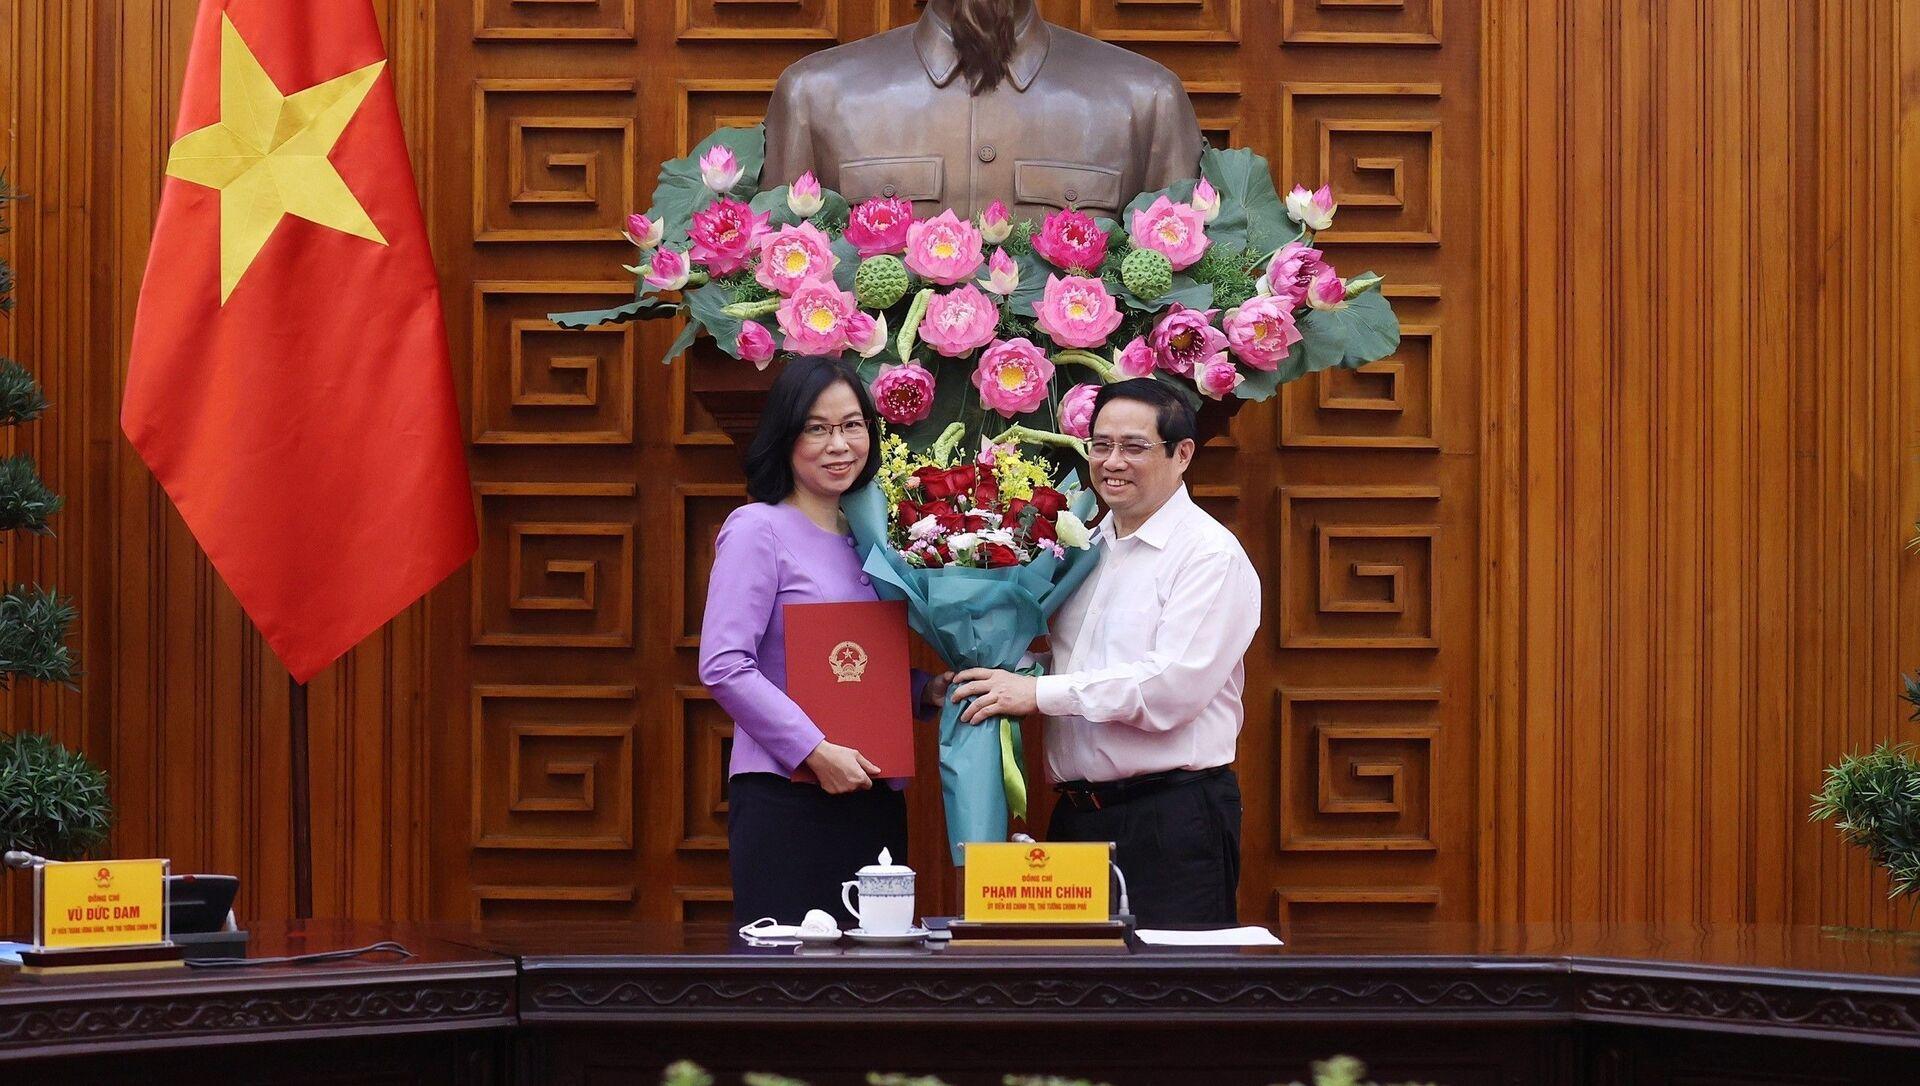 Thủ tướng Phạm Minh Chính trao Quyết định bổ nhiệm Tổng Giám đốc Thông tấn xã Việt Nam cho bà Vũ Việt Trang - Sputnik Việt Nam, 1920, 15.09.2021